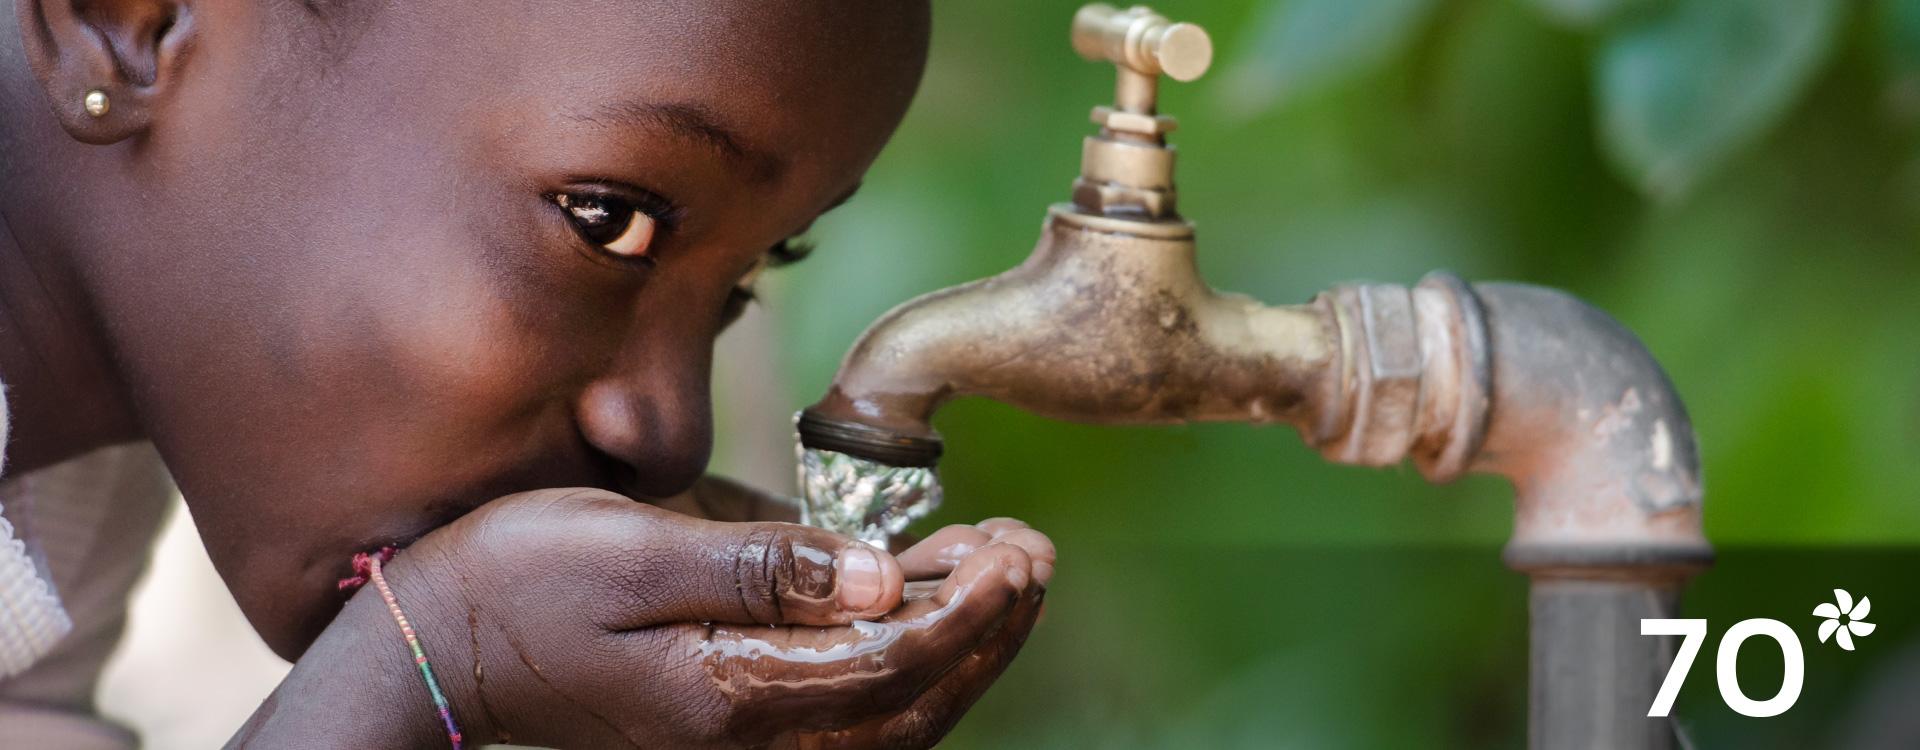 Imagen de una niña bebiendo agua de la llave.